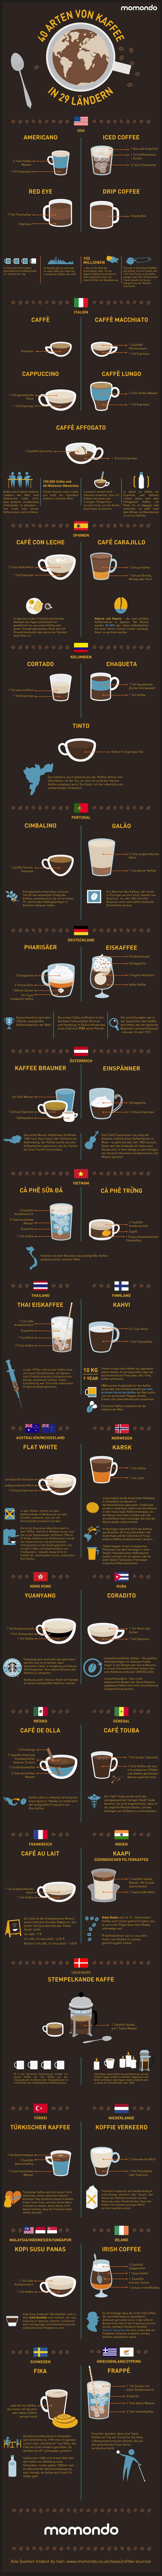 Riesige Infografik zu den Kaffee-Arten und Trinkgewohnheiten aus der ganzen Welt: http://cocktail-glaeser.de/blog/kaffee-arten-uebersicht-und-vergleich/